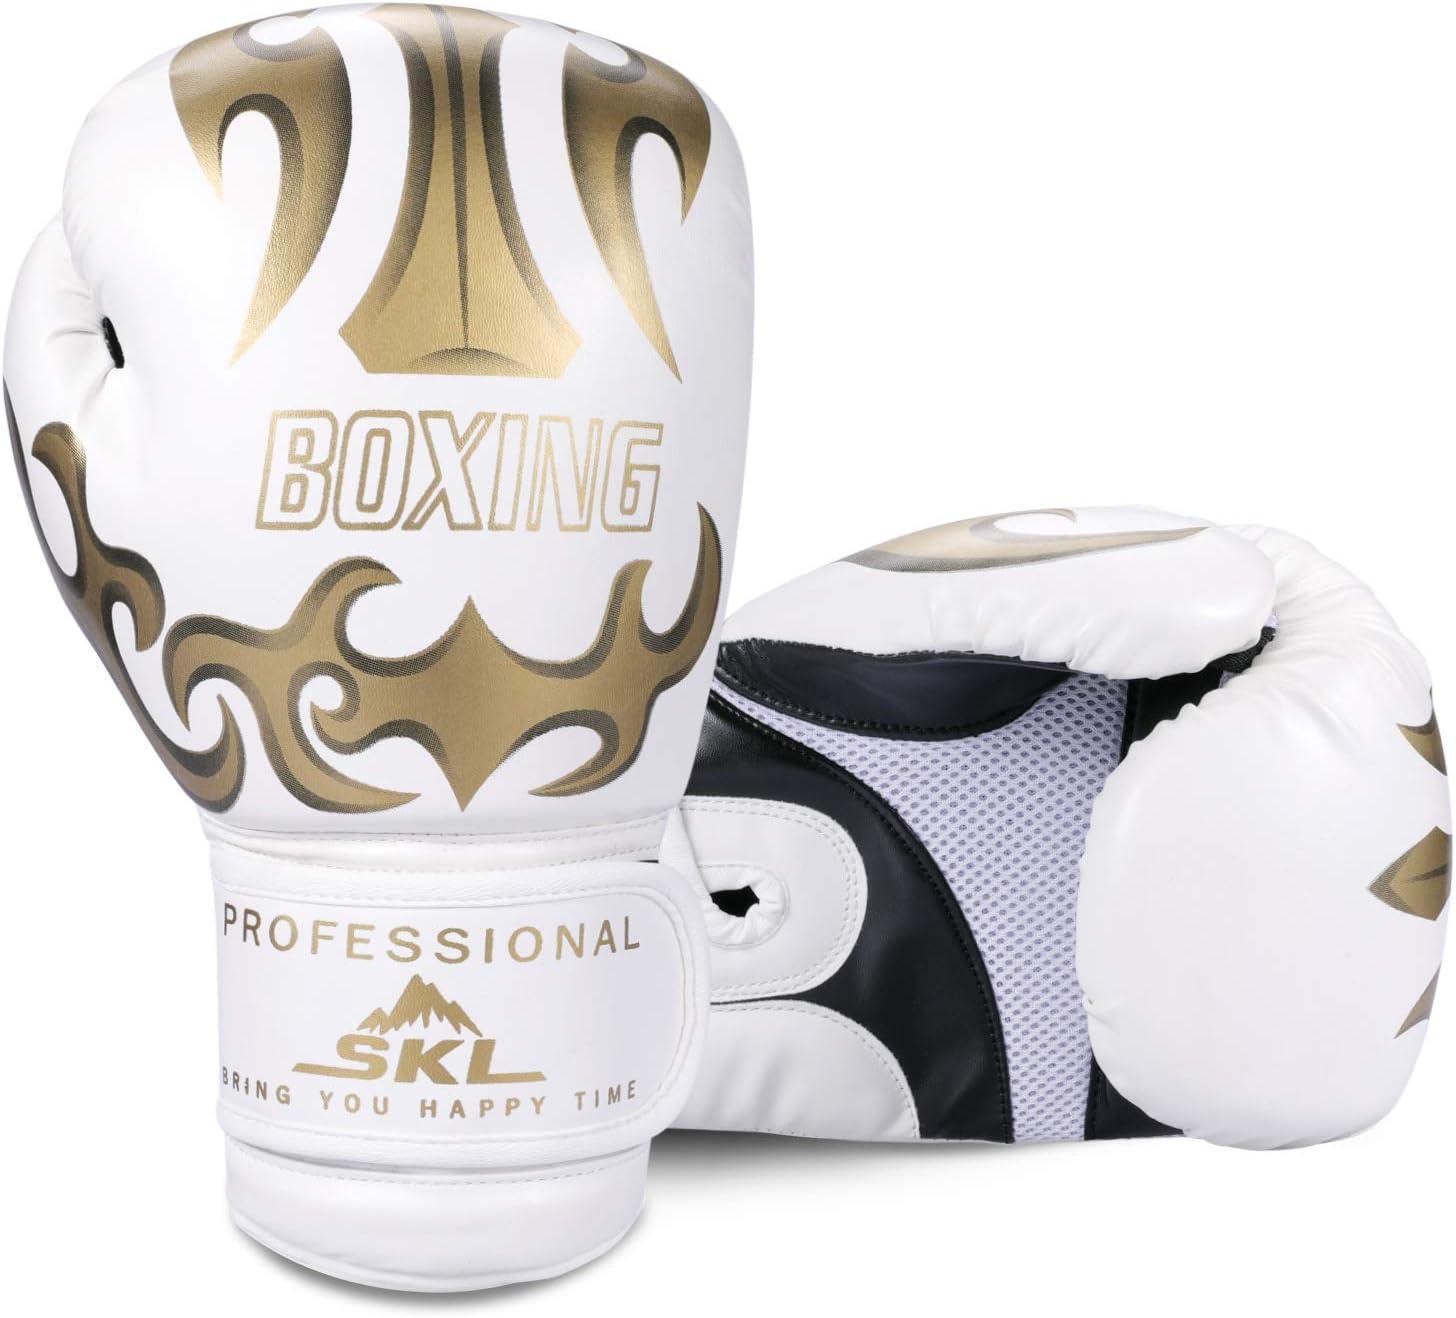 SKL Gants de Boxe Poin/çonnage Gants Formation Mitaines 10 oz Sparring Gants de Boxe Adultes Hommes Femmes PU Cuir Noir Blanc